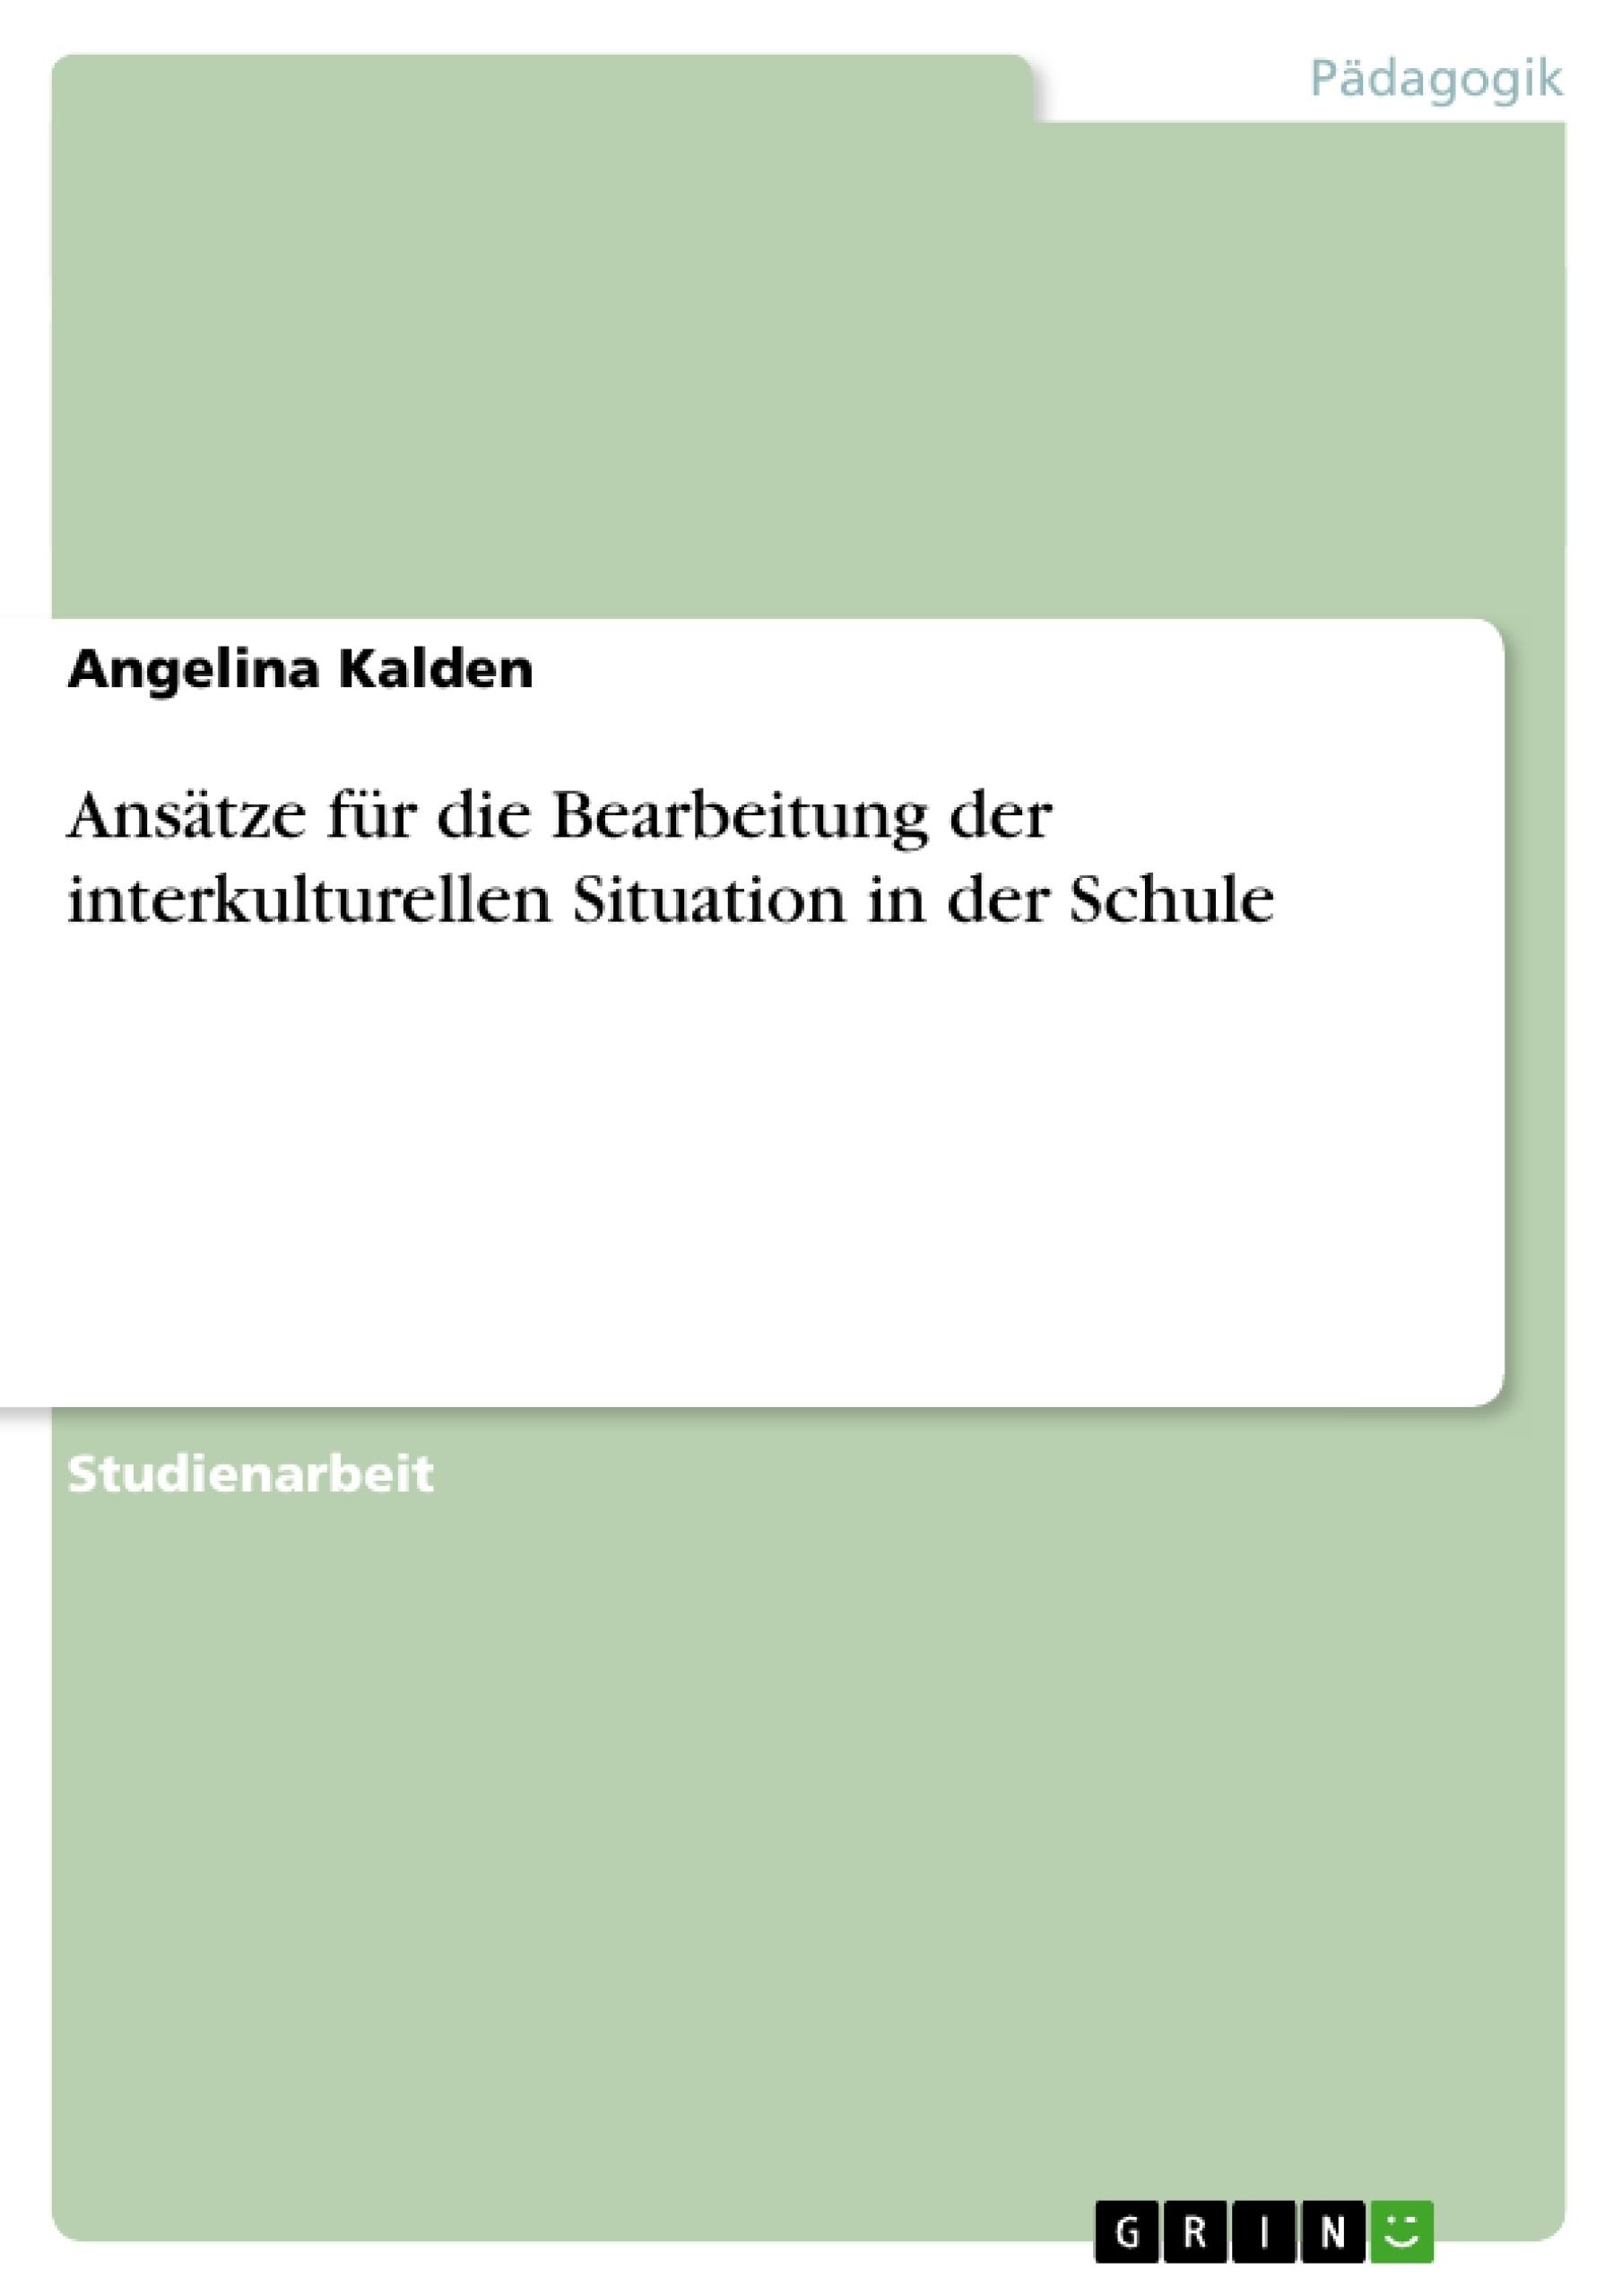 Titel: Ansätze für die Bearbeitung der interkulturellen Situation in der Schule